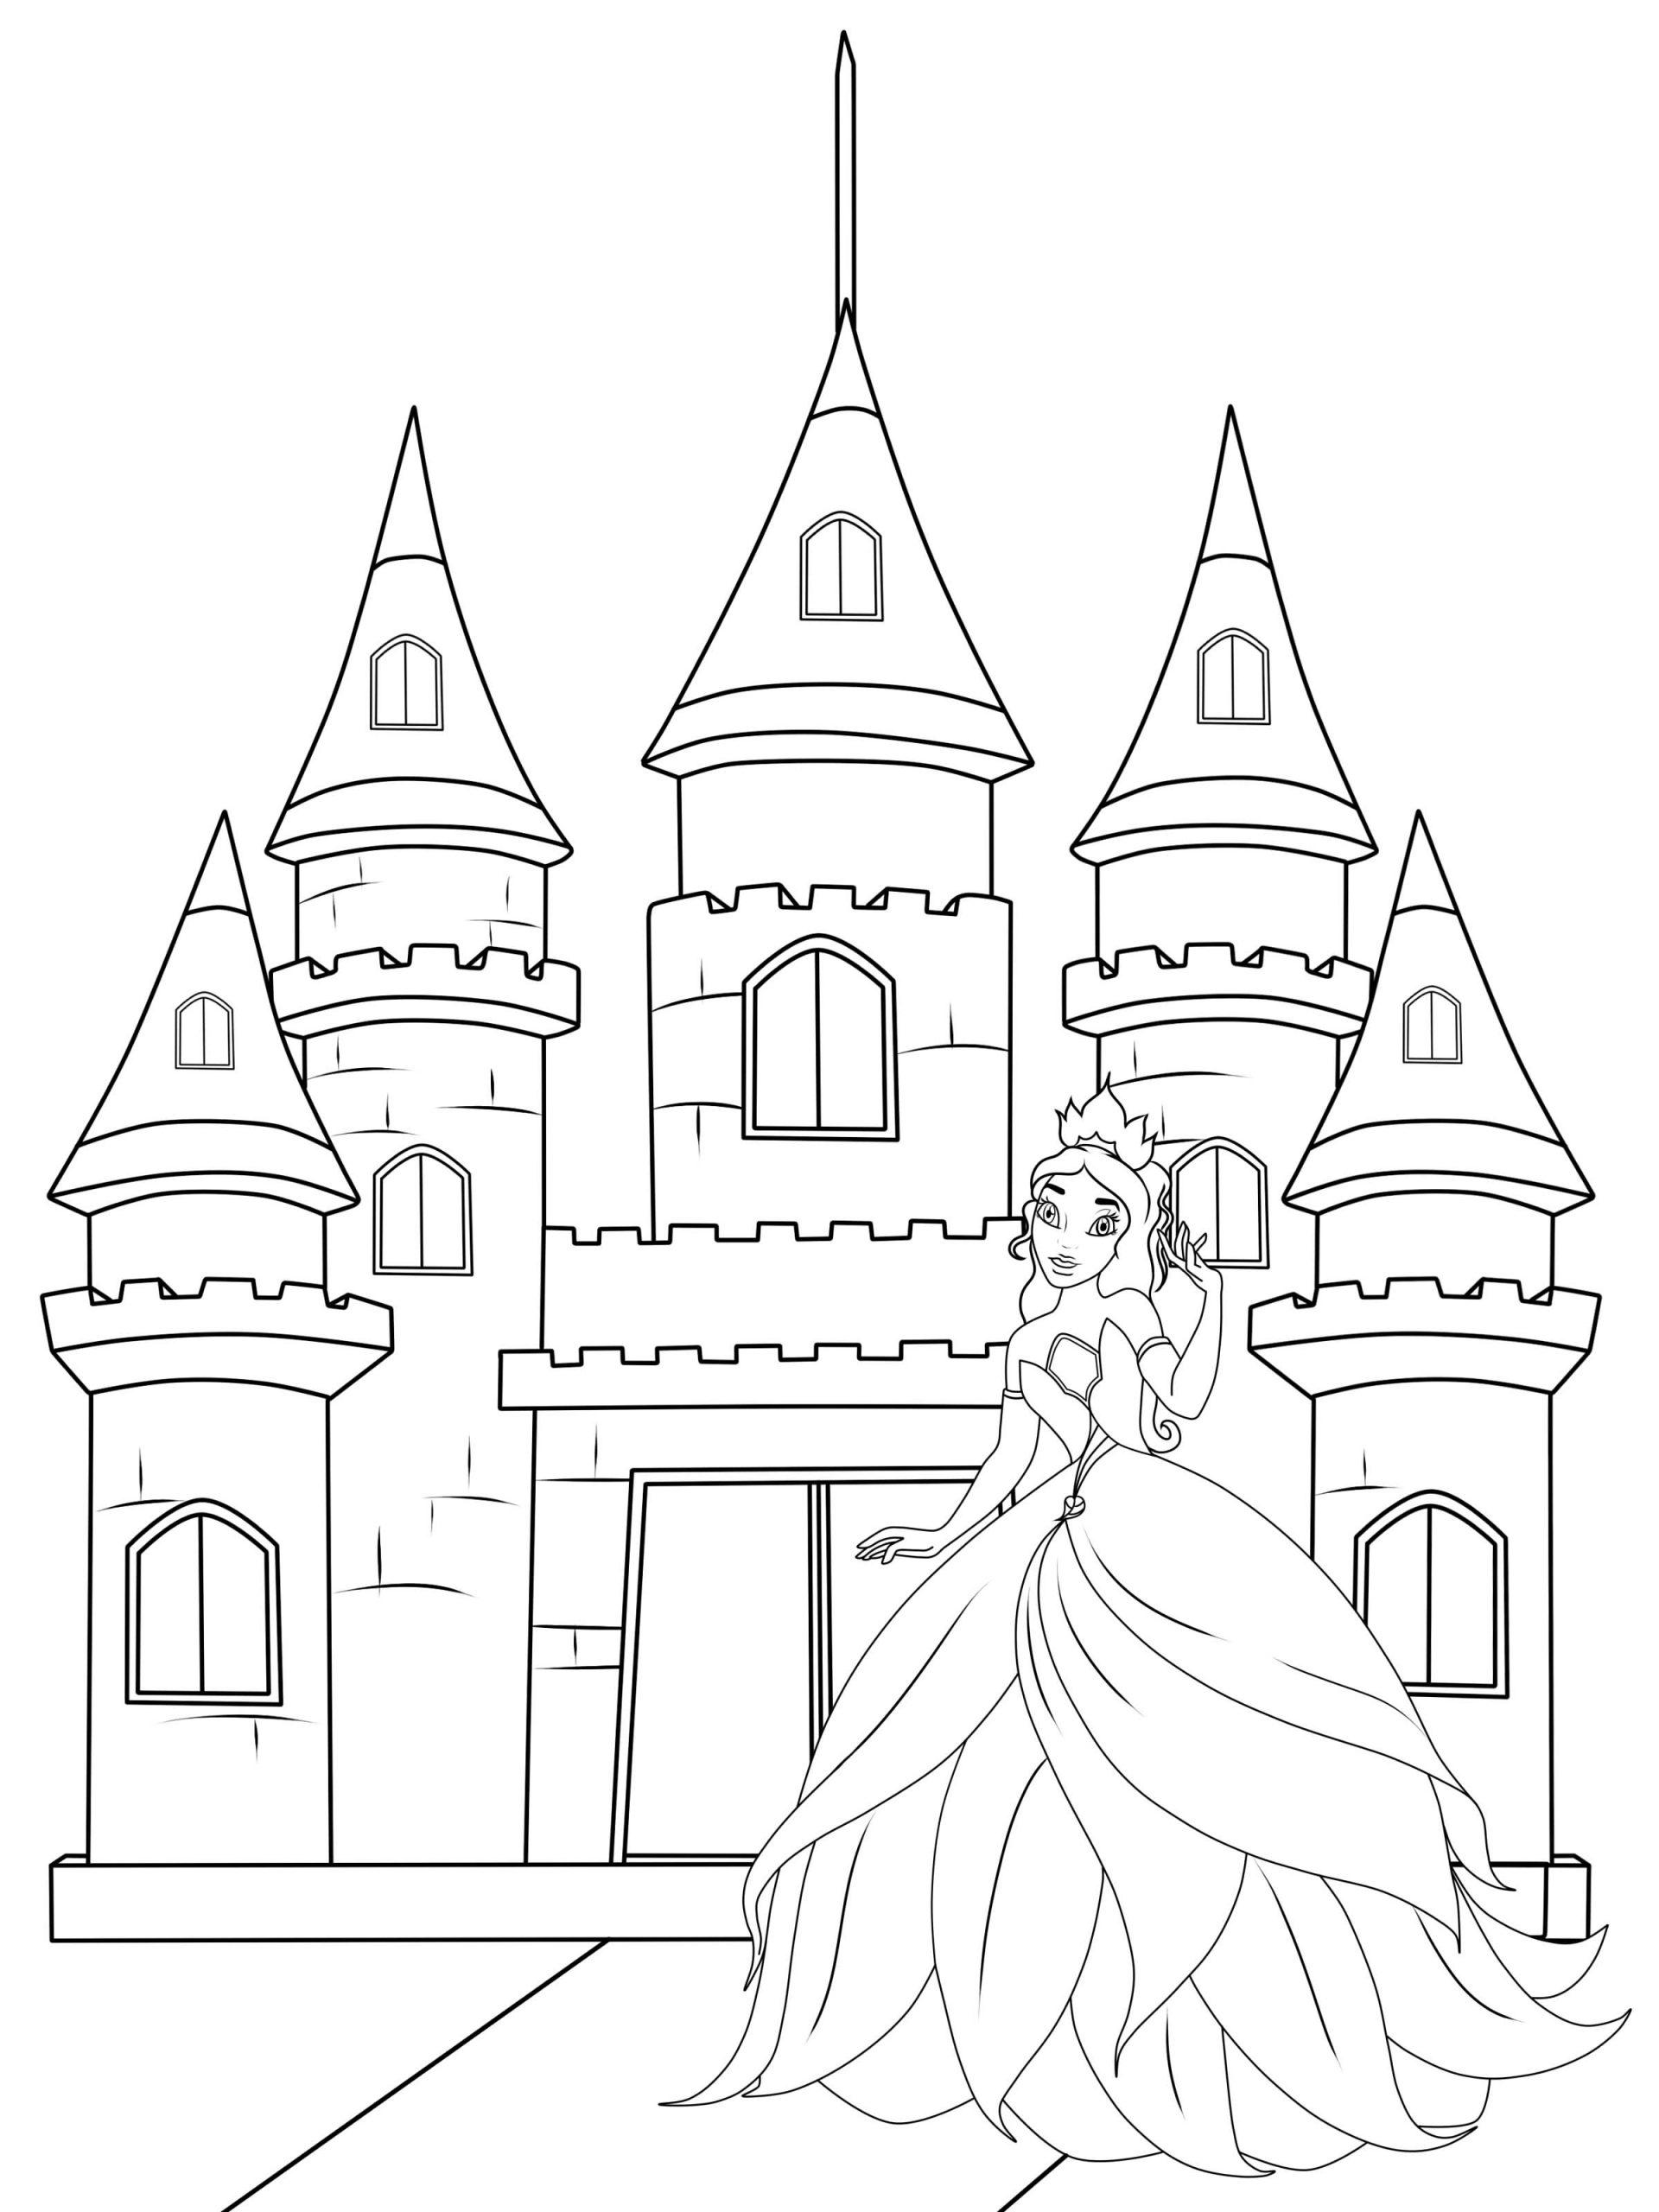 Coloriage À Imprimer : Le Château De La Princesse avec Dessin A Decouper Et A Imprimer